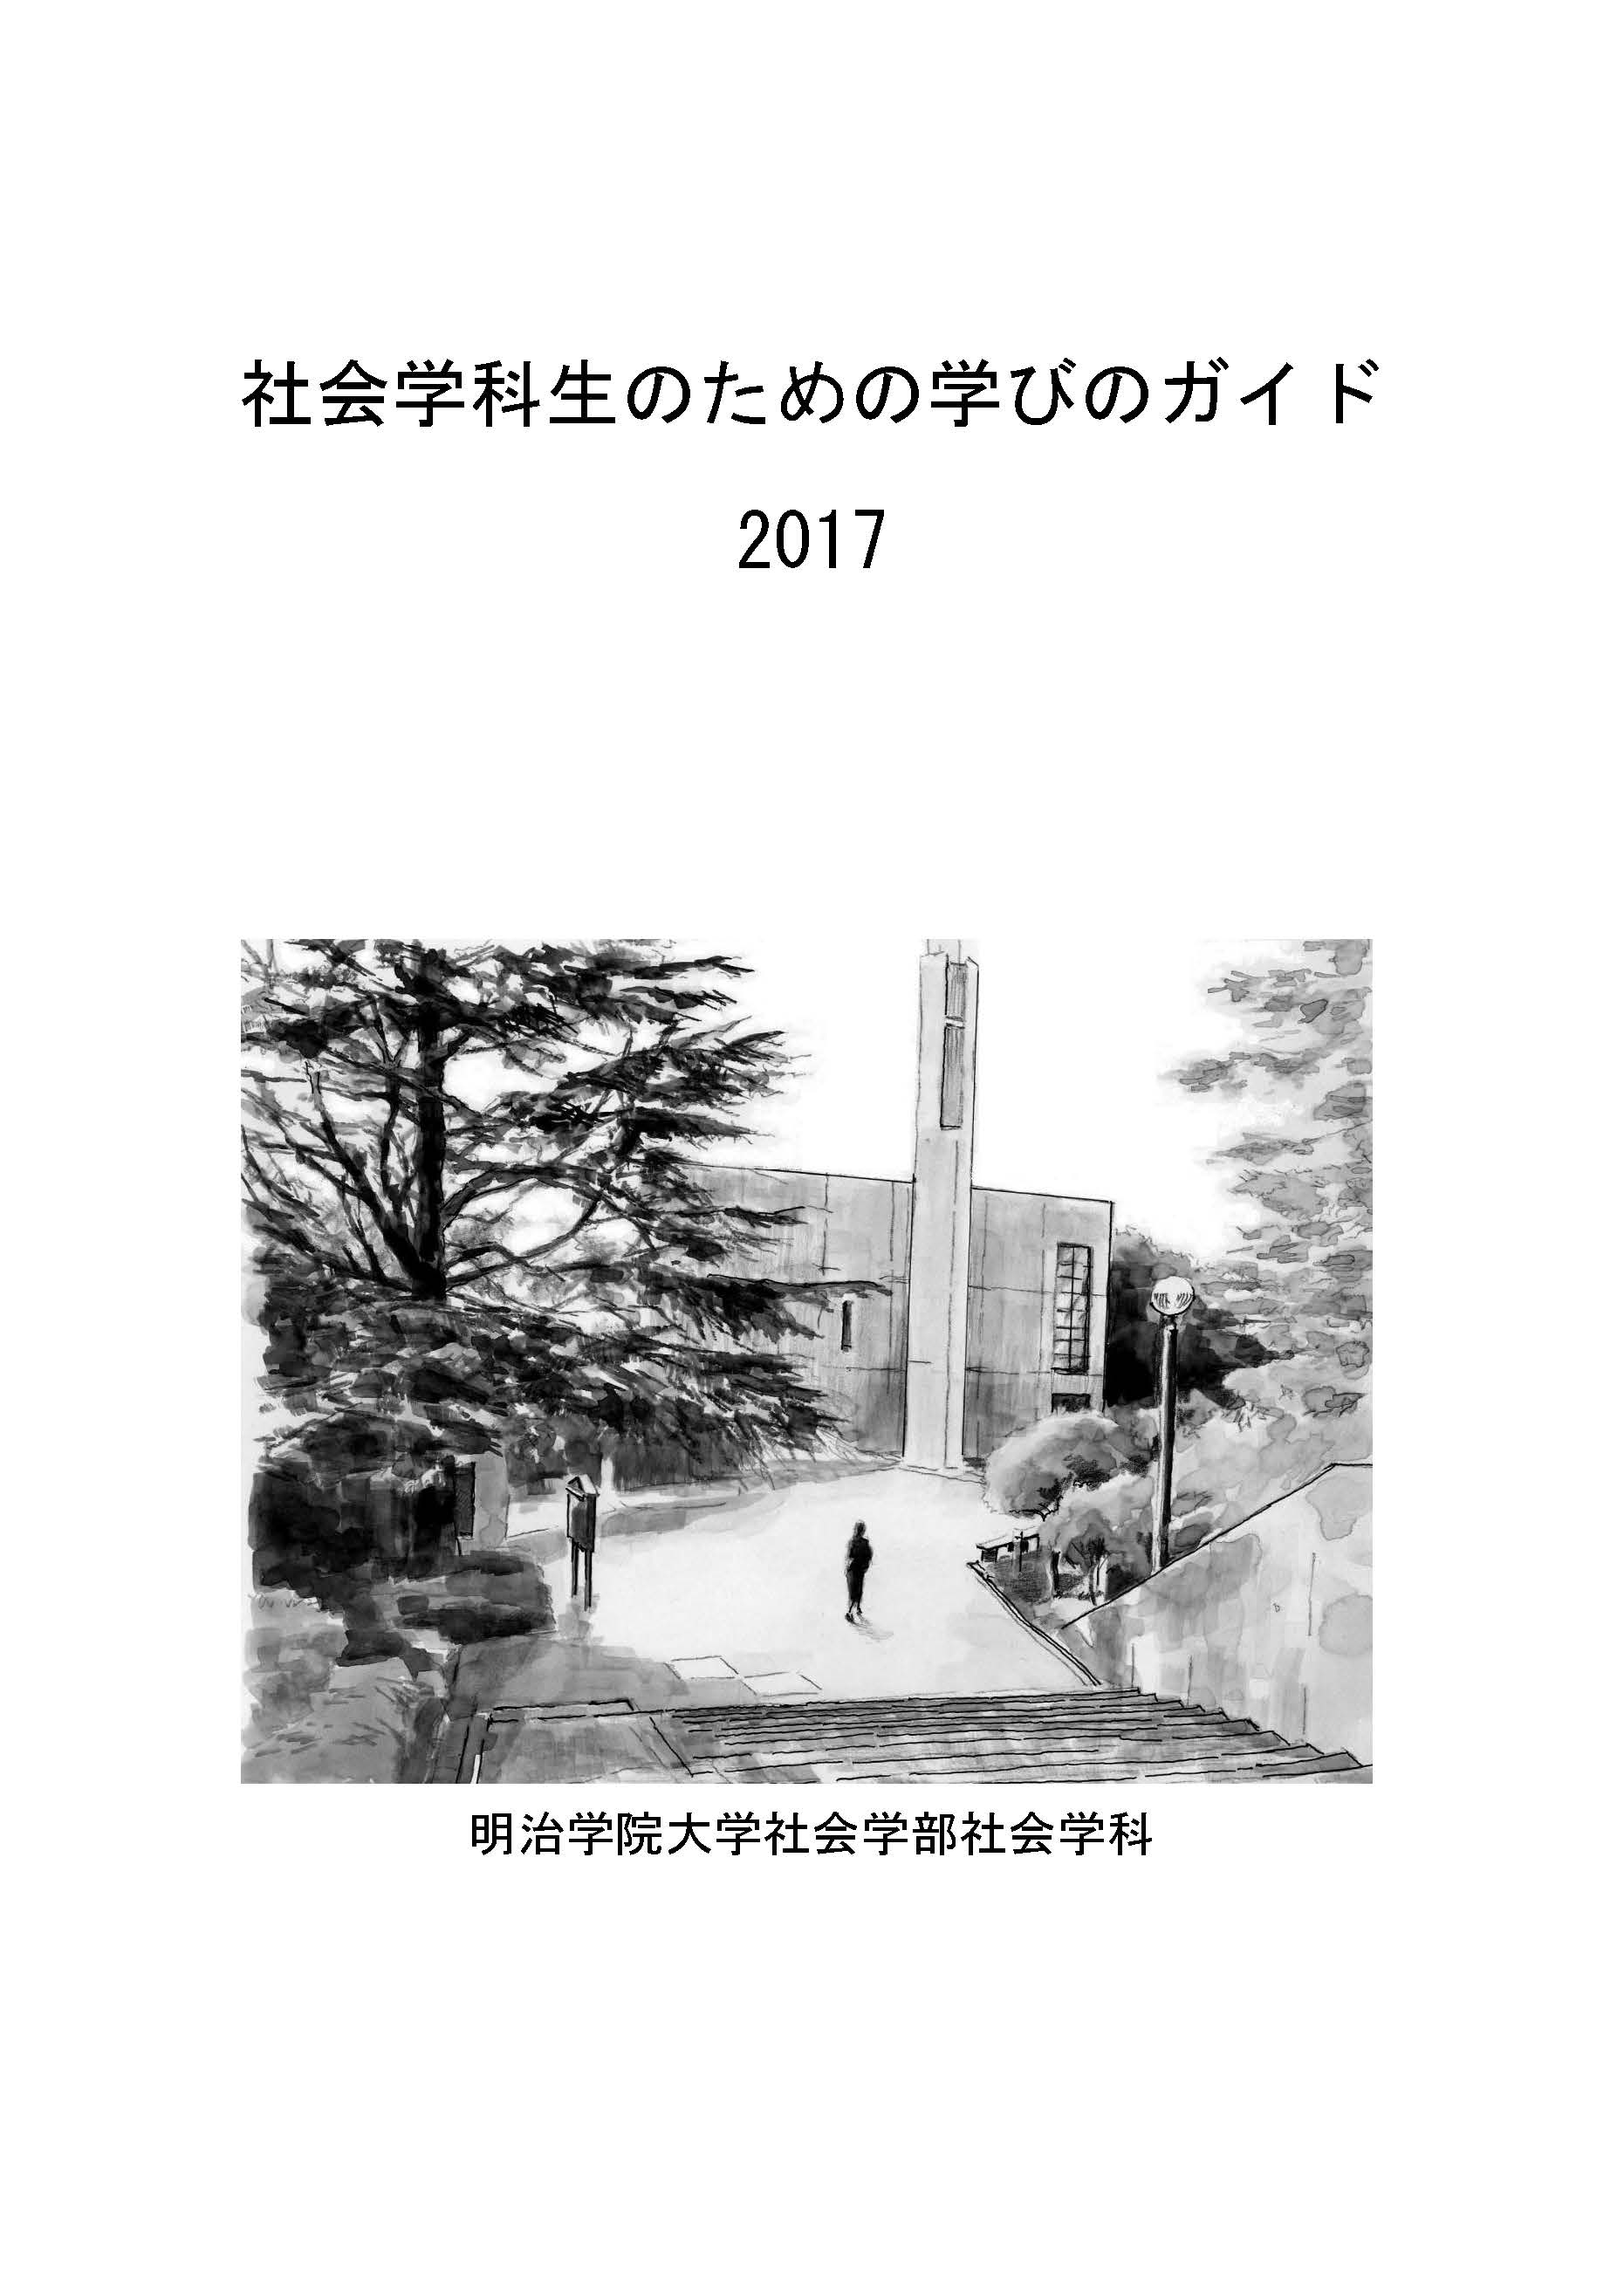 guide2017